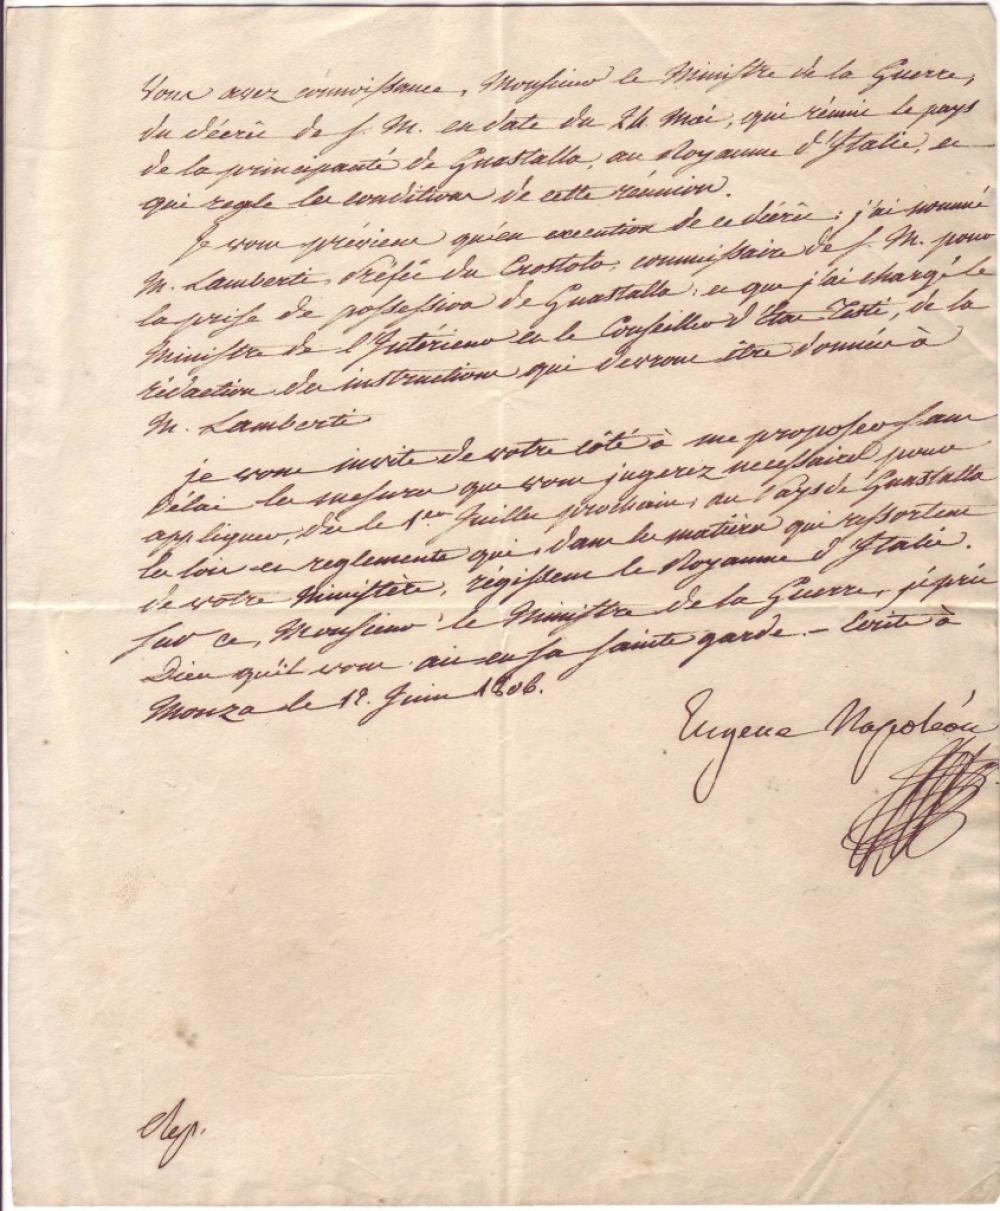 (NAPOLÉON.) BEAUHARNAIS, EUGÈNE DE. Letter Signed,